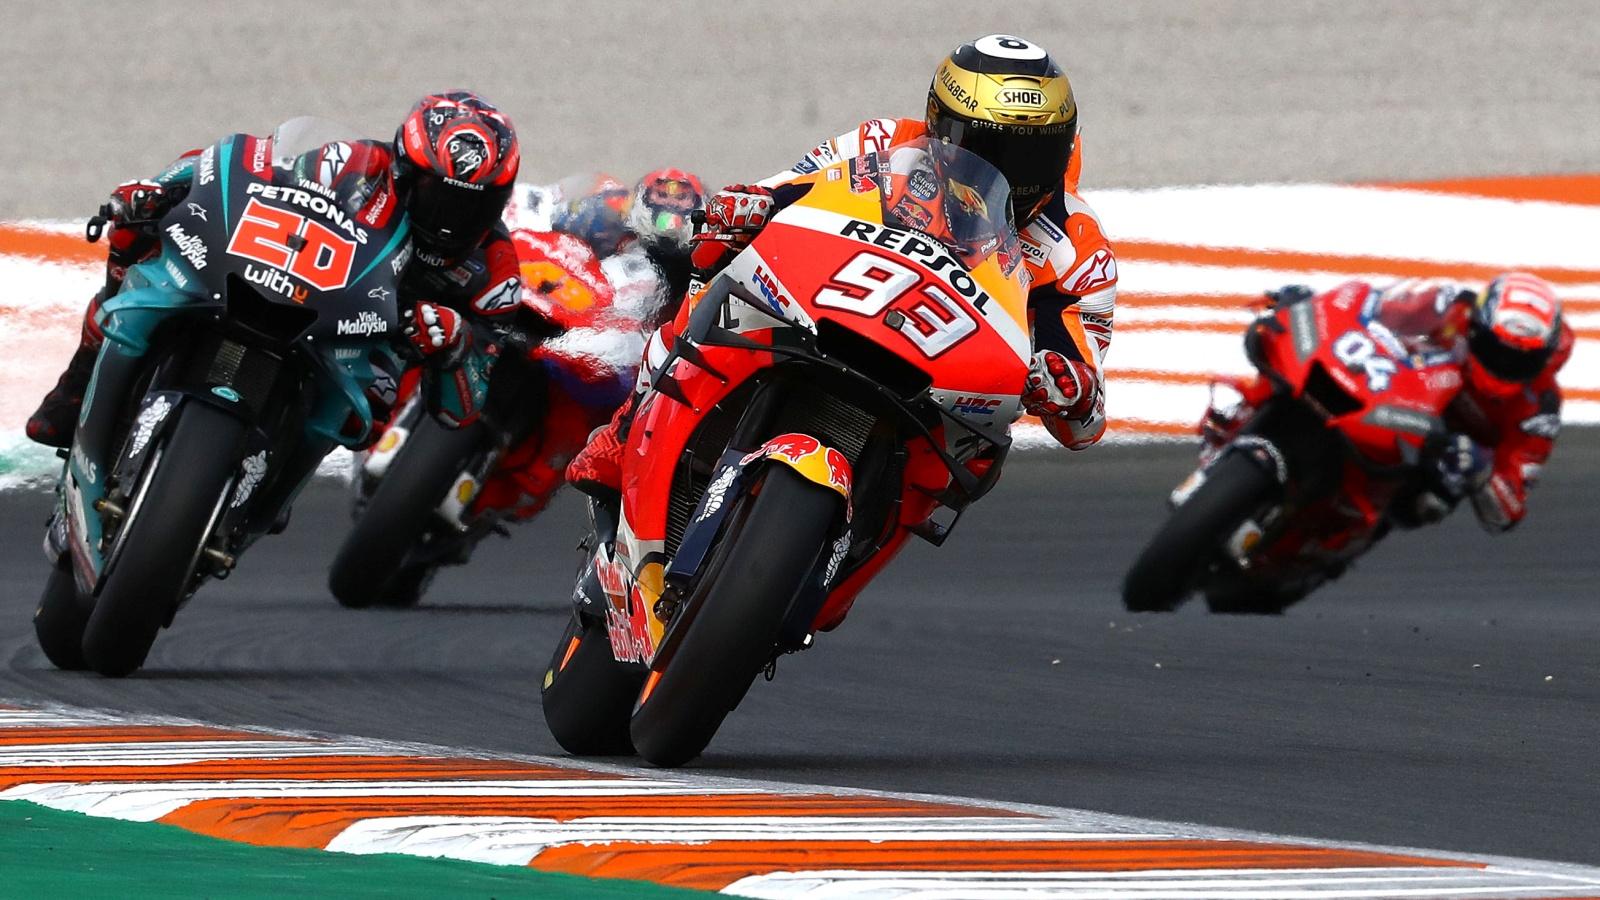 El Circuit Ricardo Tormo renueva hasta MotoGP 2026 pero no tendrá GP todos los años